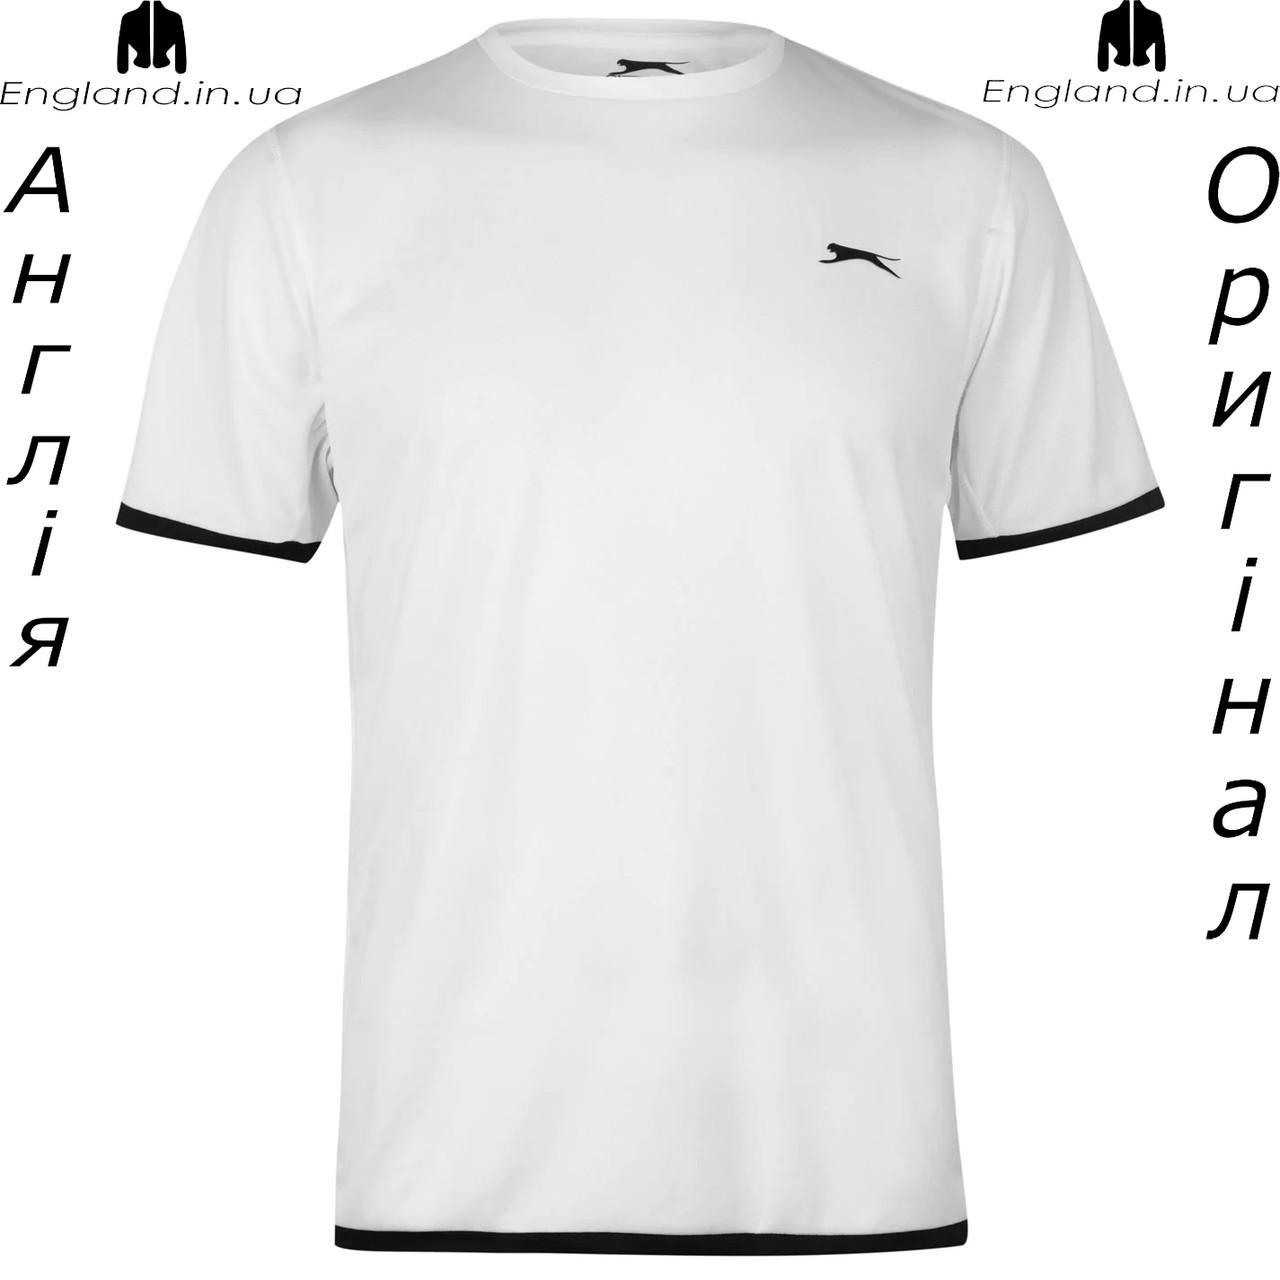 Футболка мужская Slazenger из Англии - для бега и тренеровок